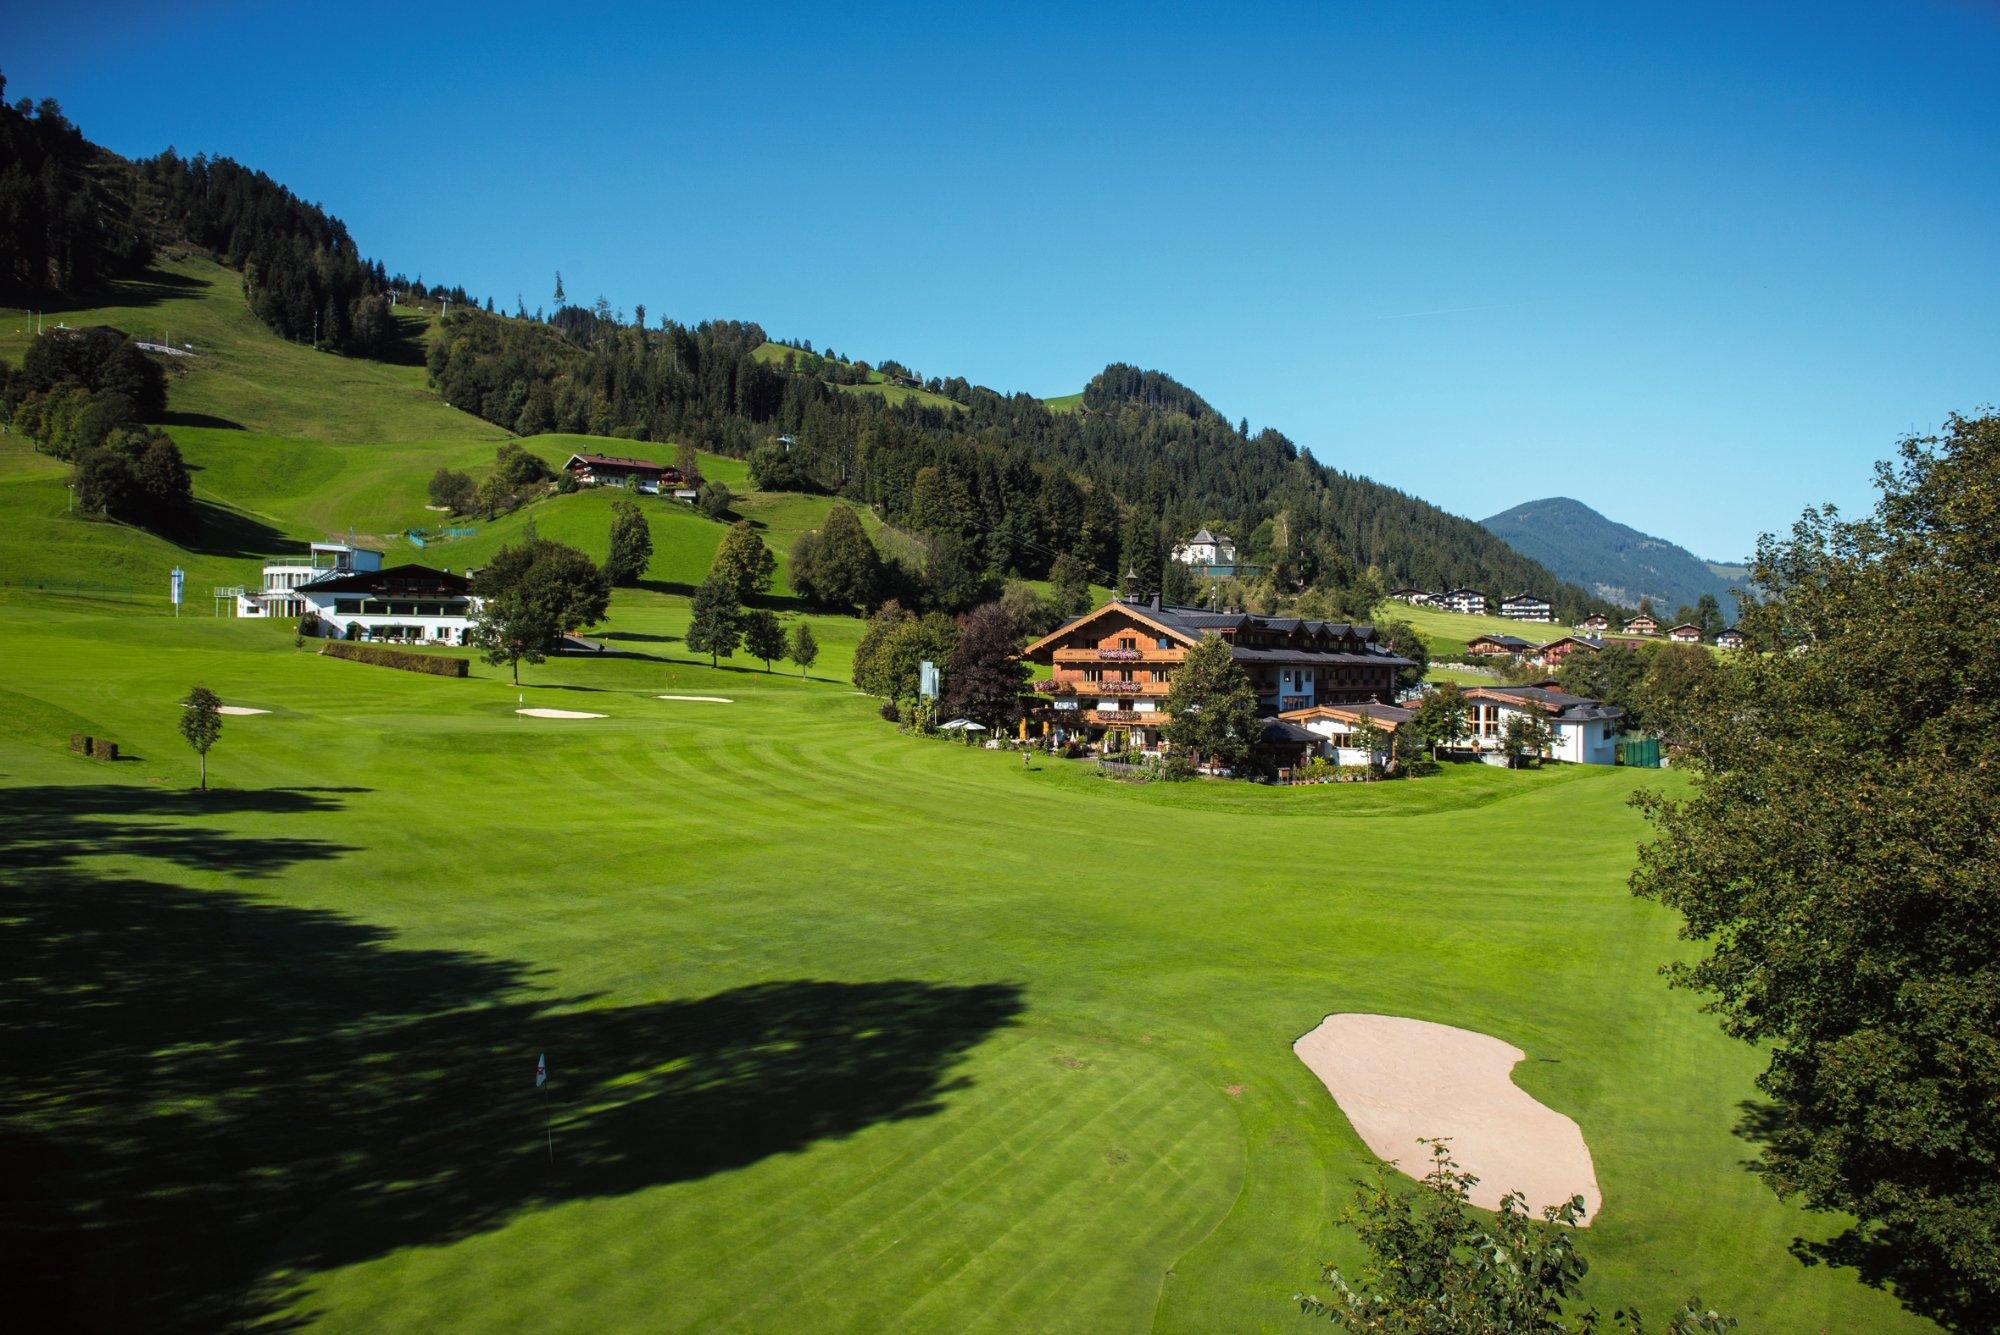 Rasmushof Hotel Kitzbuehel